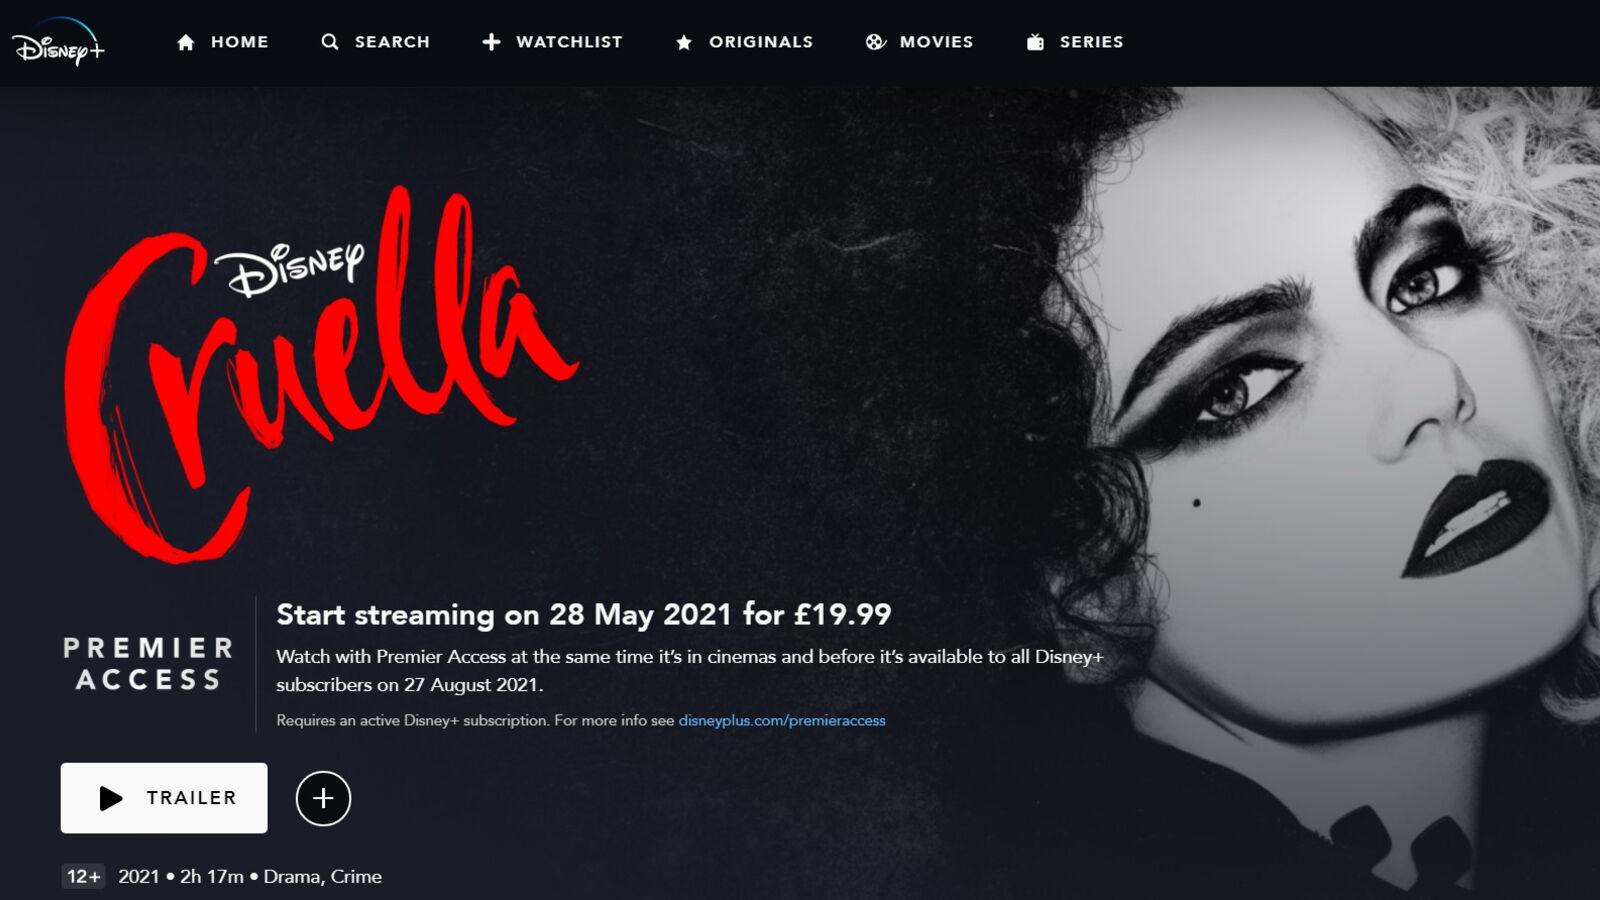 Cruella Disney Plus